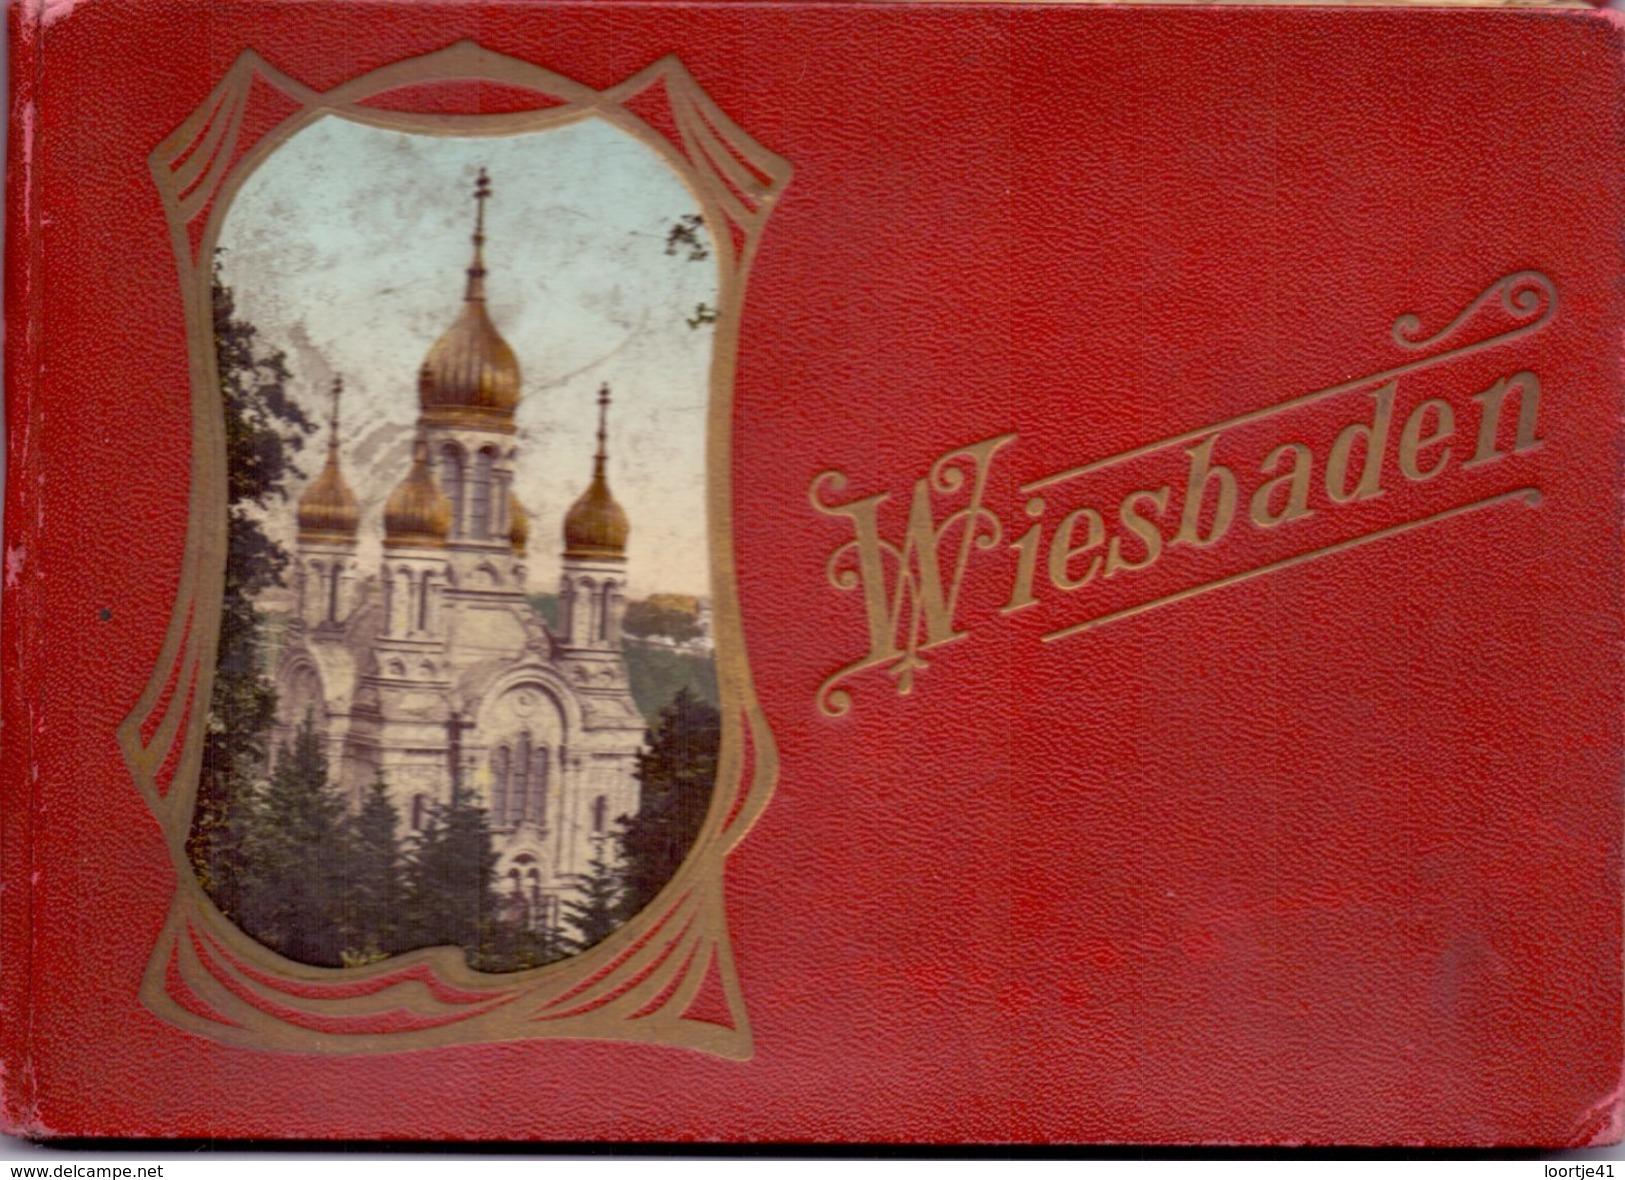 Brochure Toerisme Tourisme - Foto's Photos Bilder - Wiesbaden - 12 St - Dépliants Touristiques